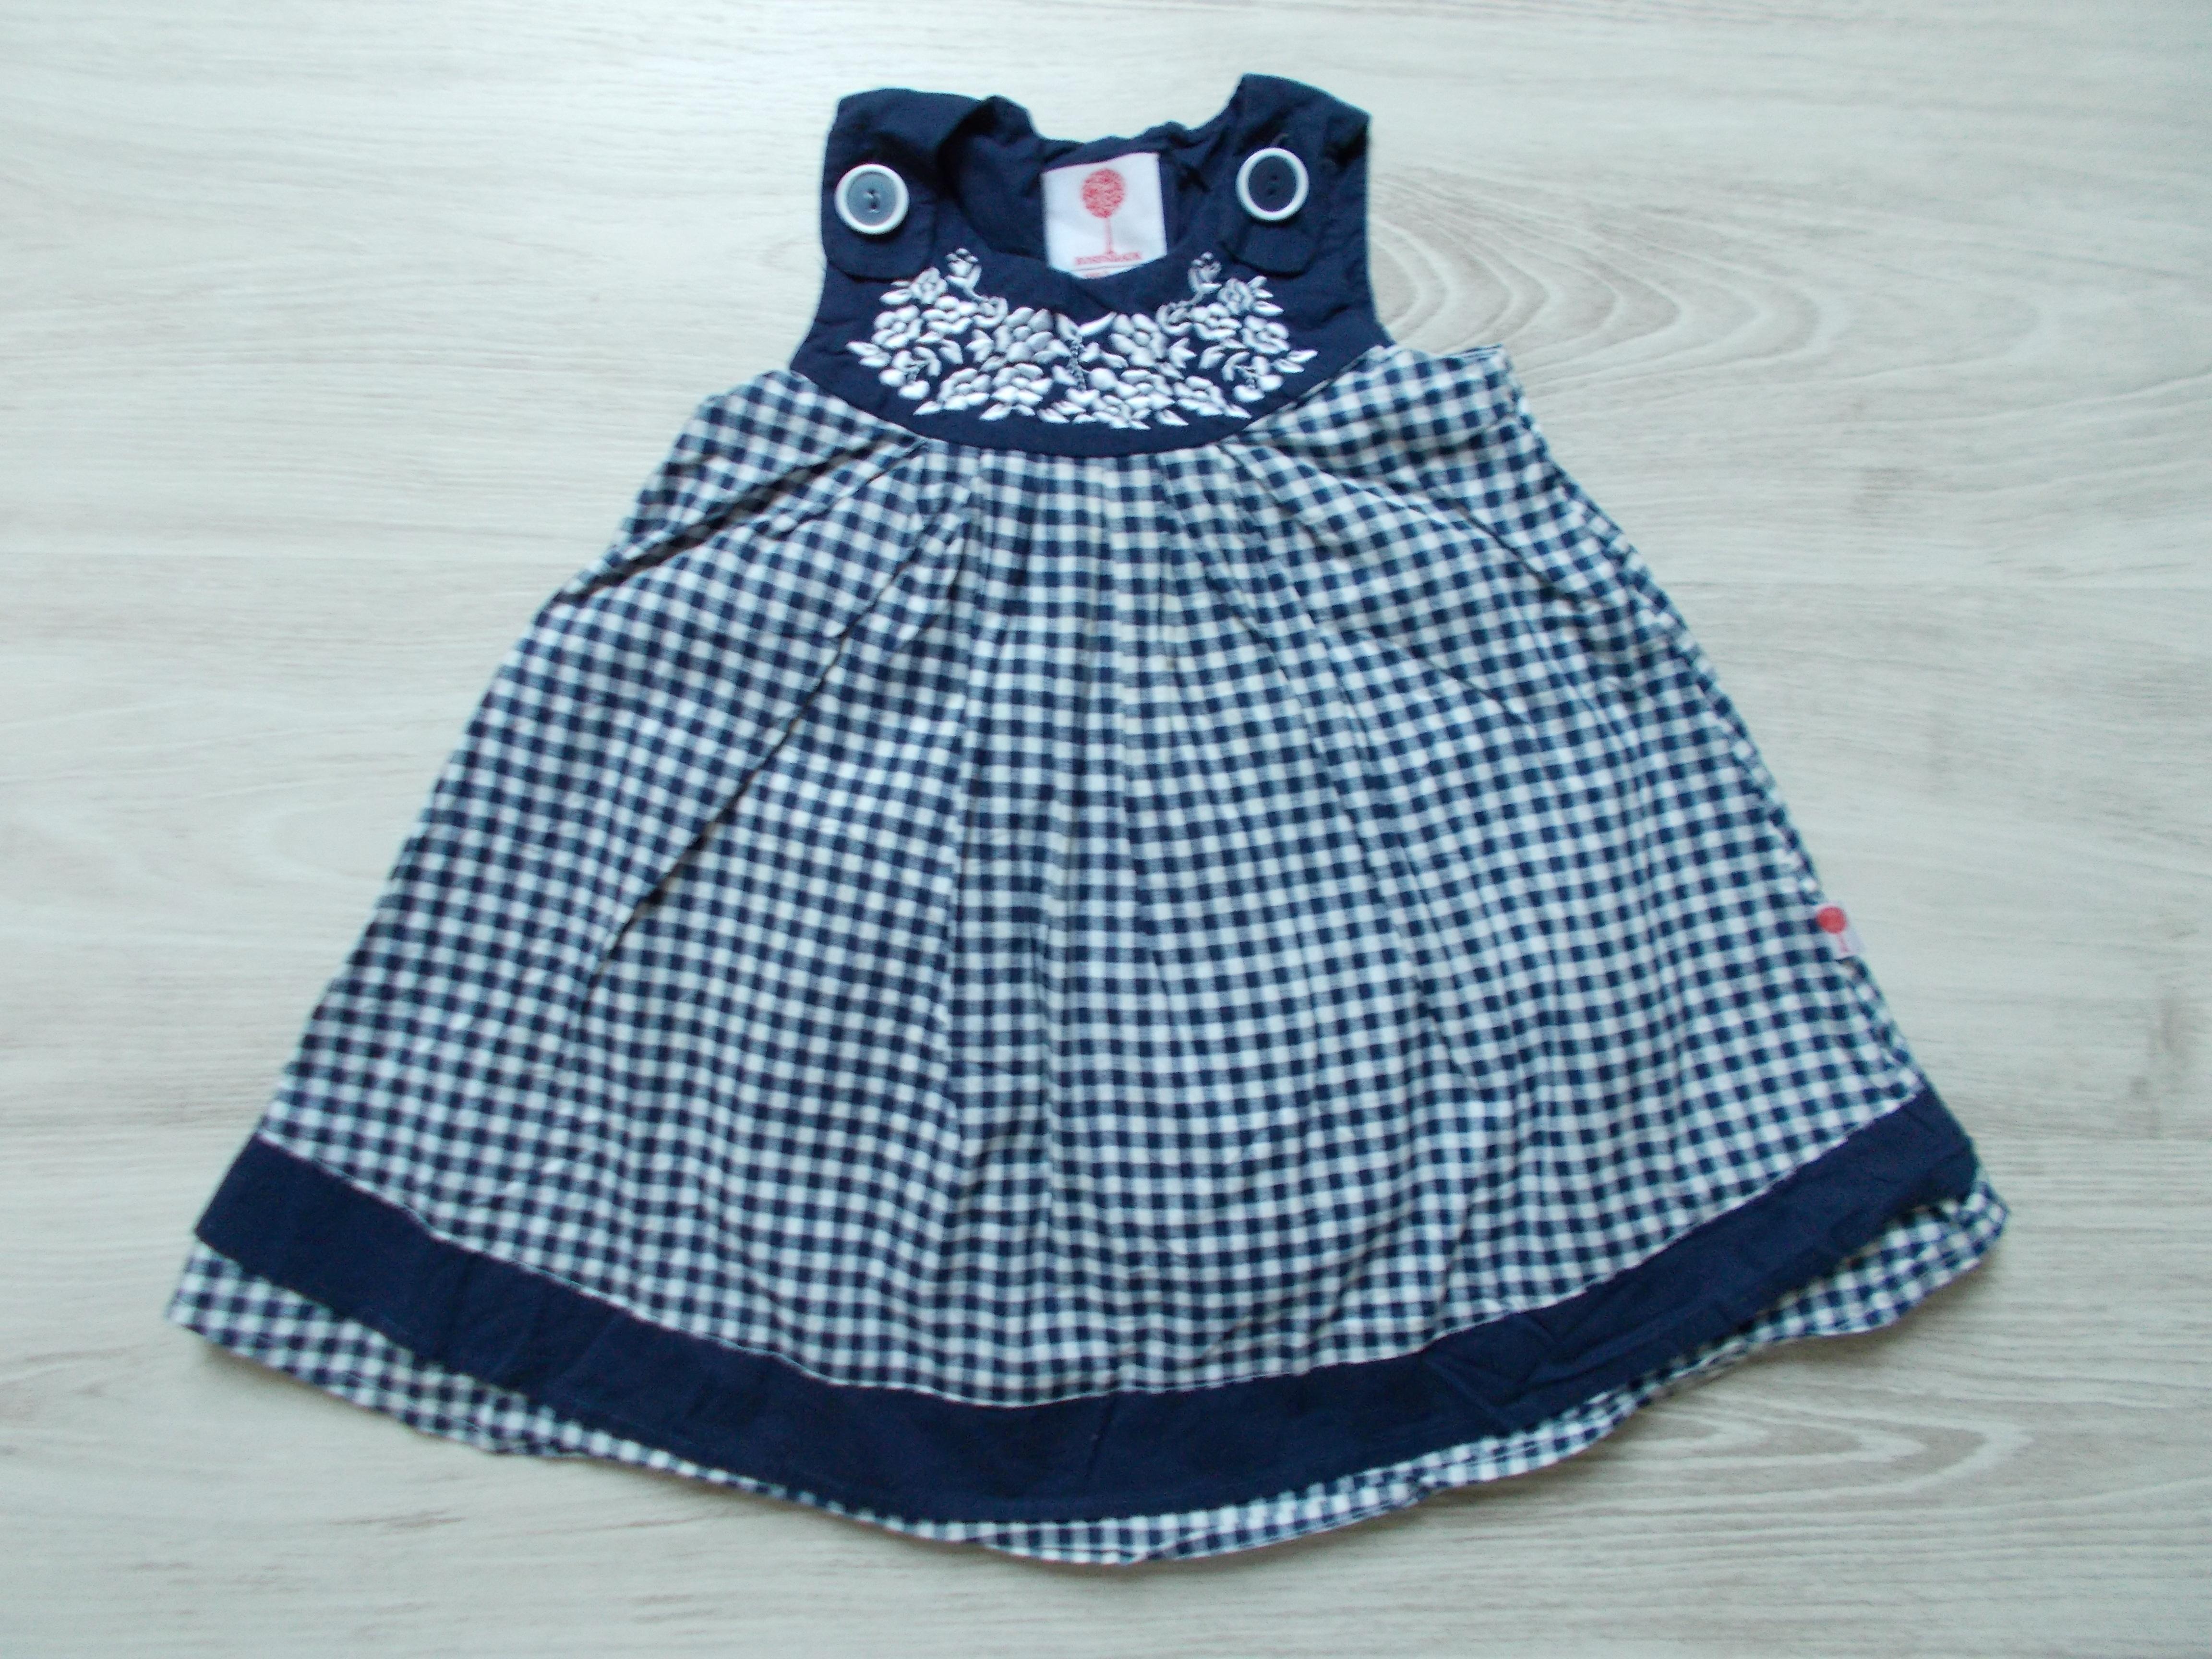 Kockás ruha  98 (3 év)   Lány ruhák     Lótusz Gyerekruha Webshop 92377e80aa